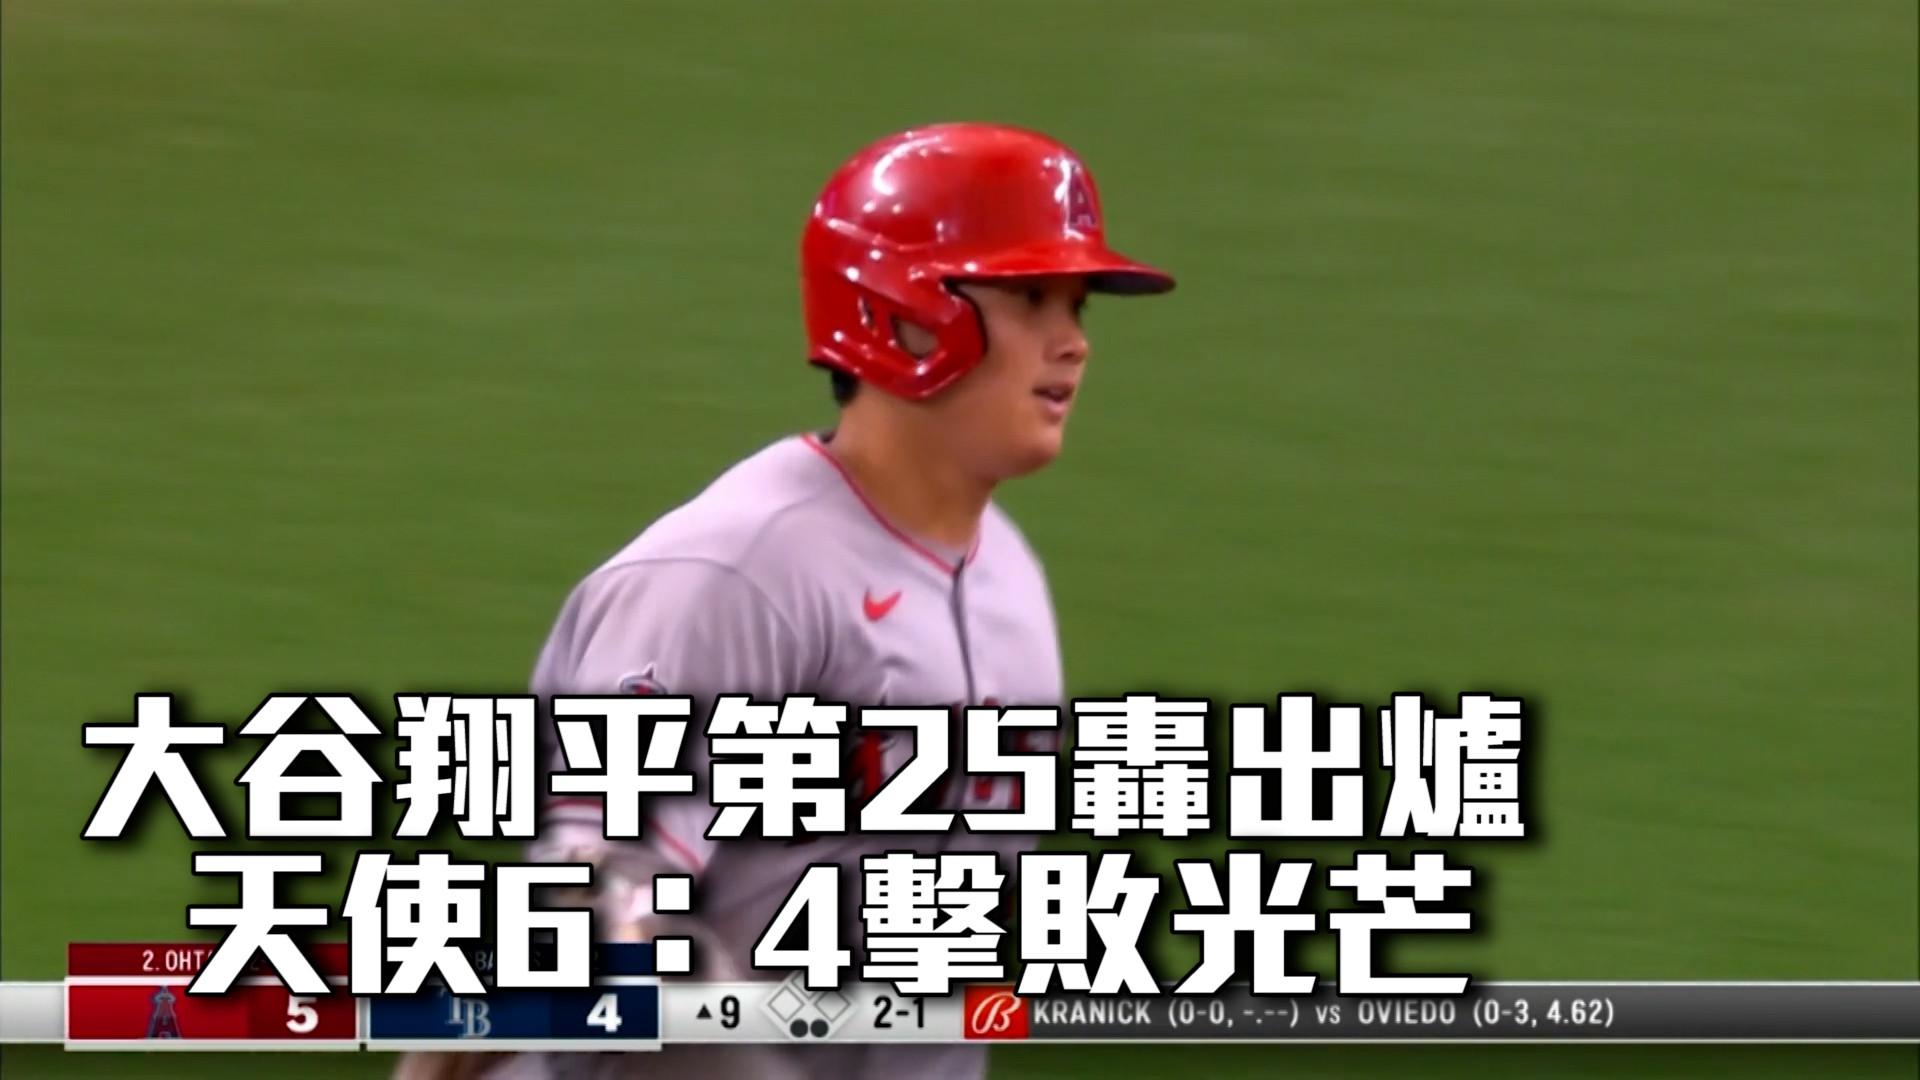 【MLB看愛爾達】大谷翔平第25轟出爐 天使擊敗光芒 06/28